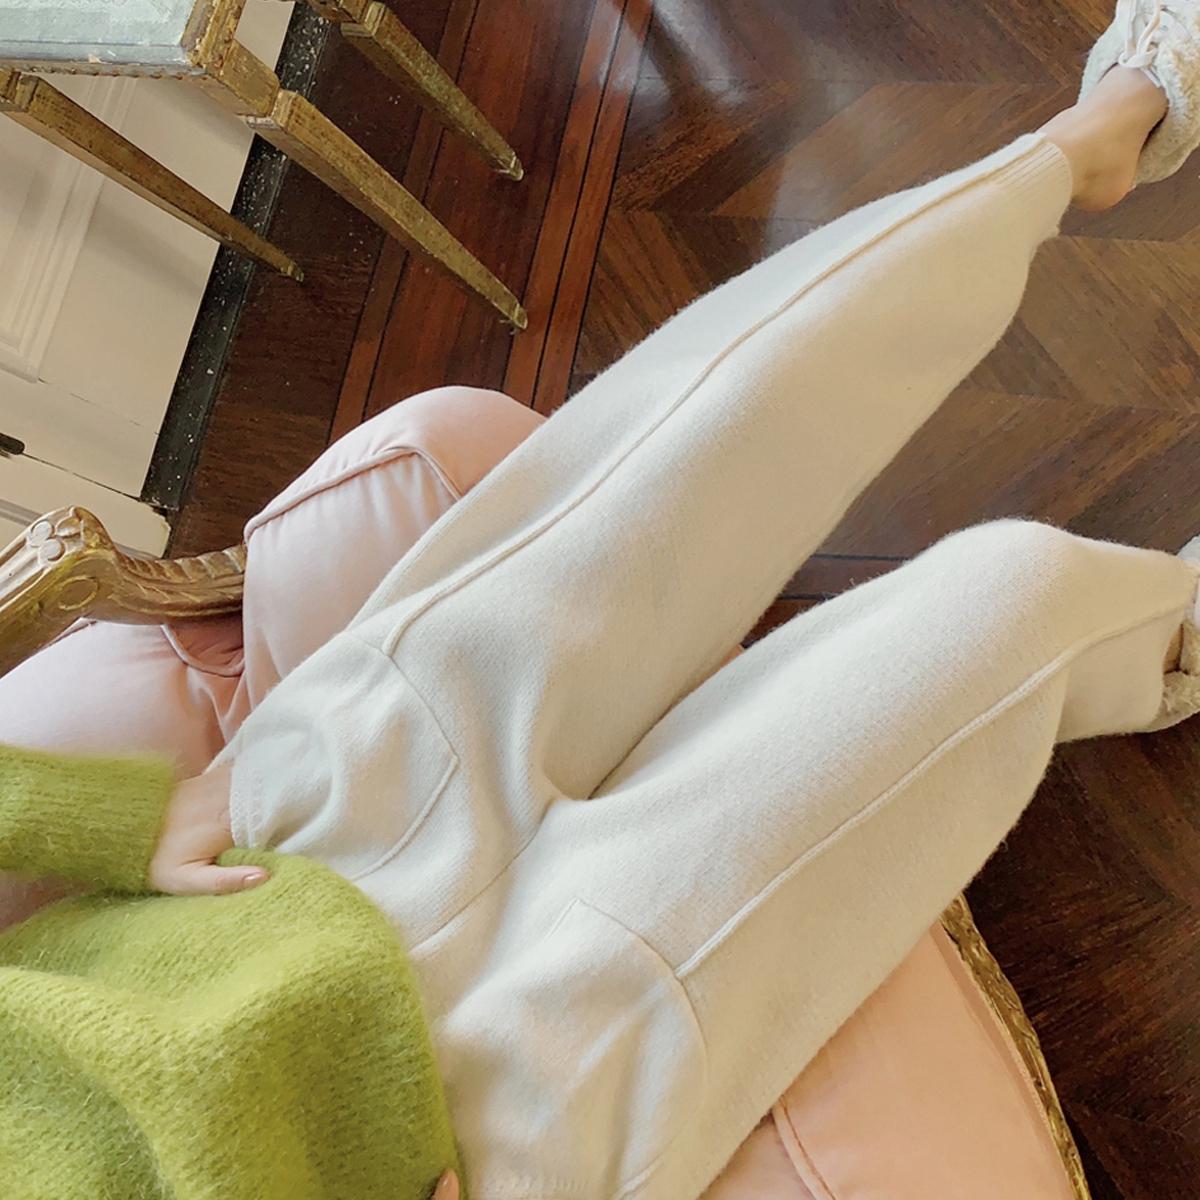 大喜双11快加购/高品质加厚型休闲百搭裤.冬天不想脱的那种